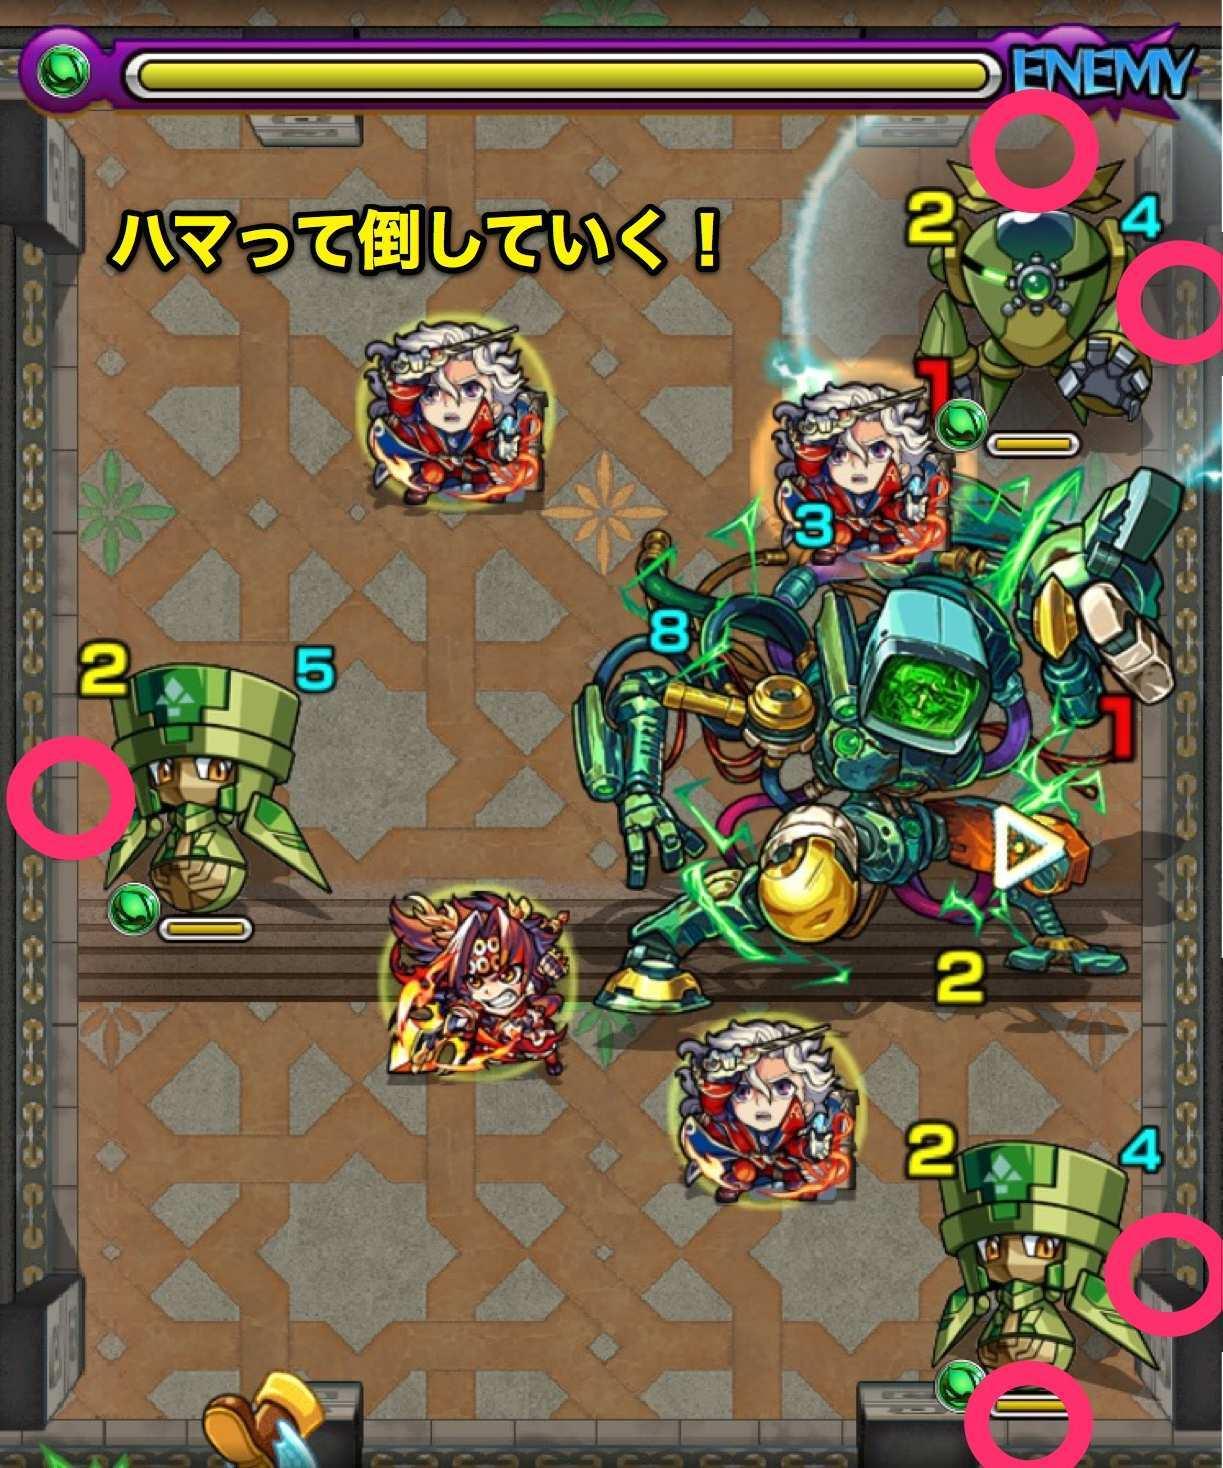 覇者の塔28階ステージ4.jpg